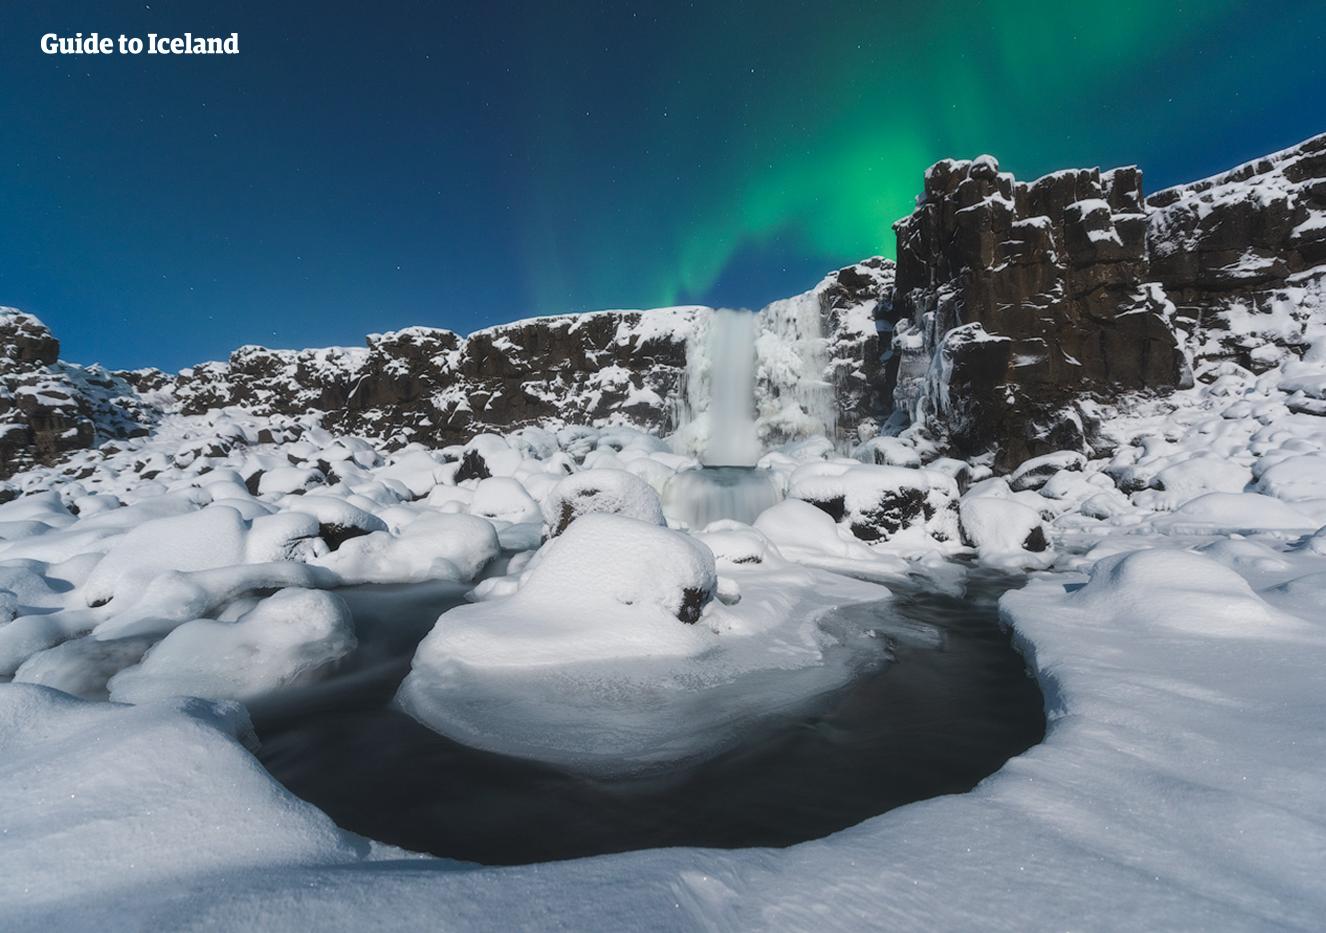 Cascada de Öxarárfoss en el Parque Nacional Þingvellir, cubierta de nieve durante el invierno.